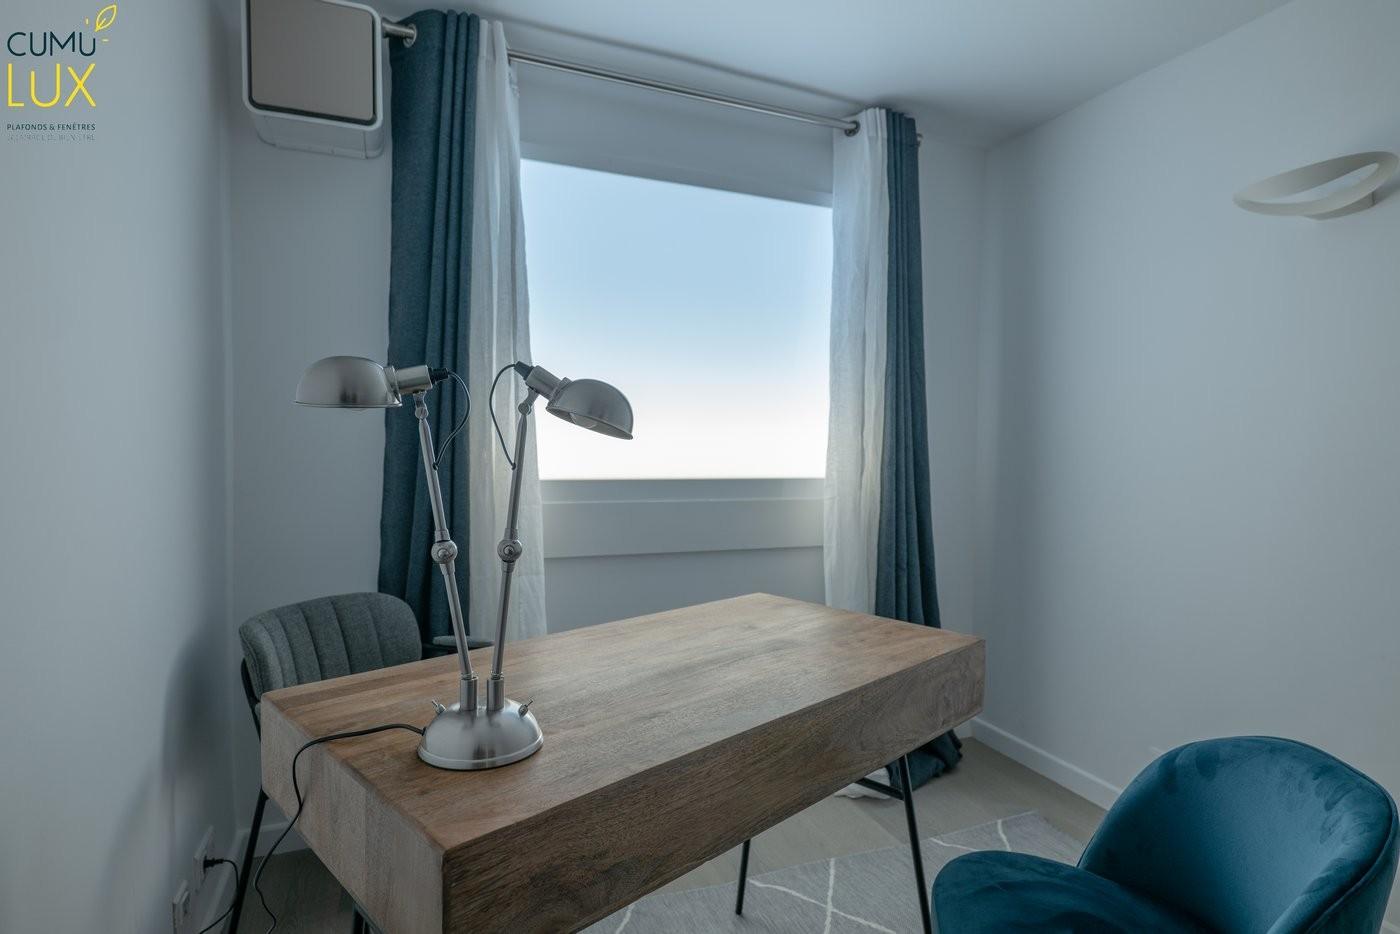 Big Sky Horizon pour créer un ciel dans une salle de consultation dépourvue de fenêtres.